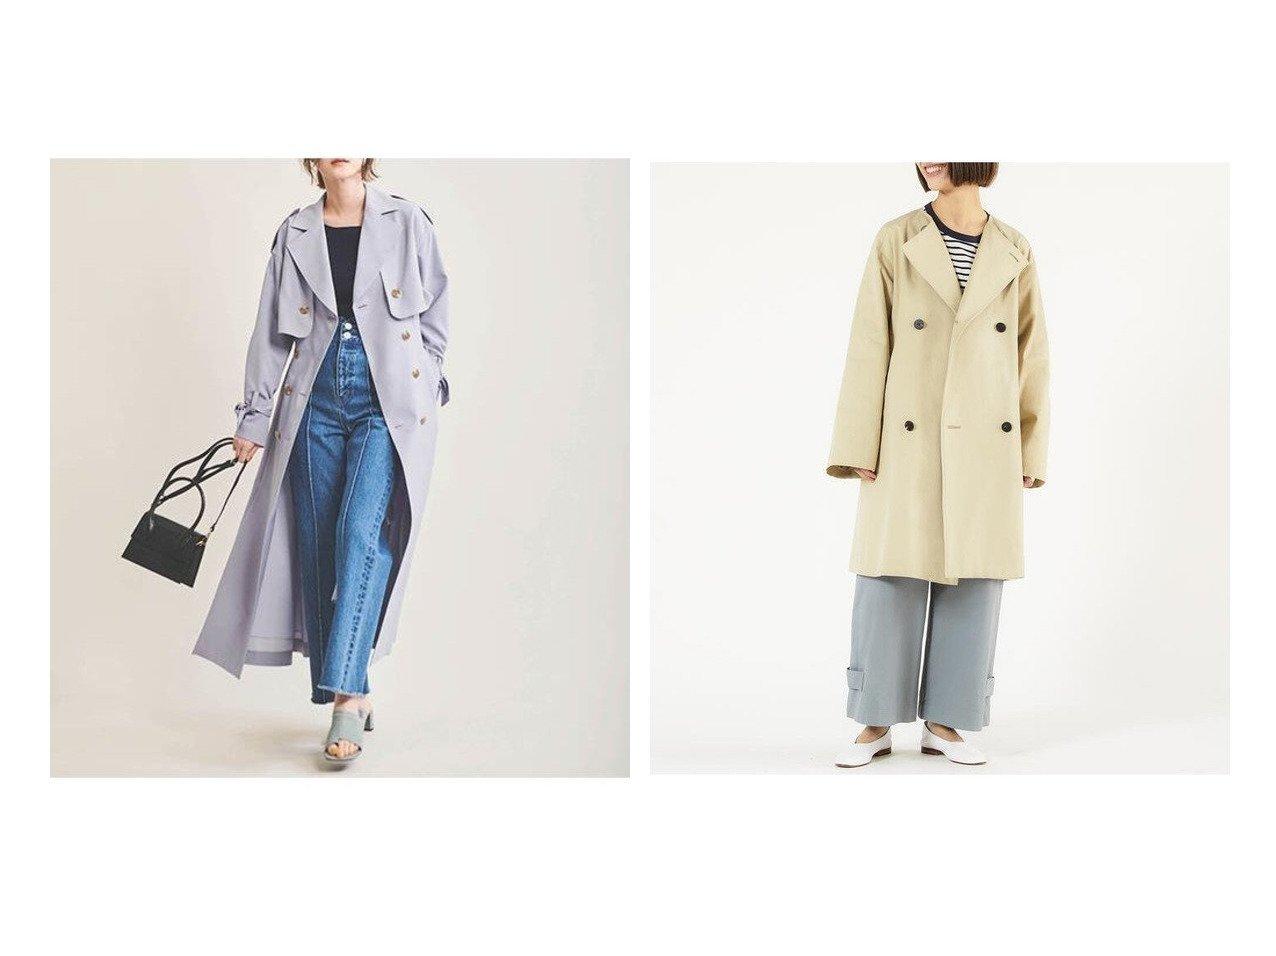 【The Virgnia/ザ ヴァージニア】の3wayトレンチコート&【GALERIE VIE / TOMORROWLAND/ギャルリー ヴィー】のドライコットンツイル ノーカラーコート 【アウター】おすすめ!人気、トレンド・レディースファッションの通販 おすすめで人気の流行・トレンド、ファッションの通販商品 メンズファッション・キッズファッション・インテリア・家具・レディースファッション・服の通販 founy(ファニー) https://founy.com/ ファッション Fashion レディースファッション WOMEN アウター Coat Outerwear コート Coats トレンチコート Trench Coats 2021年 2021 2021春夏・S/S SS/Spring/Summer/2021 S/S・春夏 SS・Spring/Summer ダブル ツイル ハイネック NEW・新作・新着・新入荷 New Arrivals ドレス ノースリーブ フェミニン ロング 春 Spring |ID:crp329100000027883